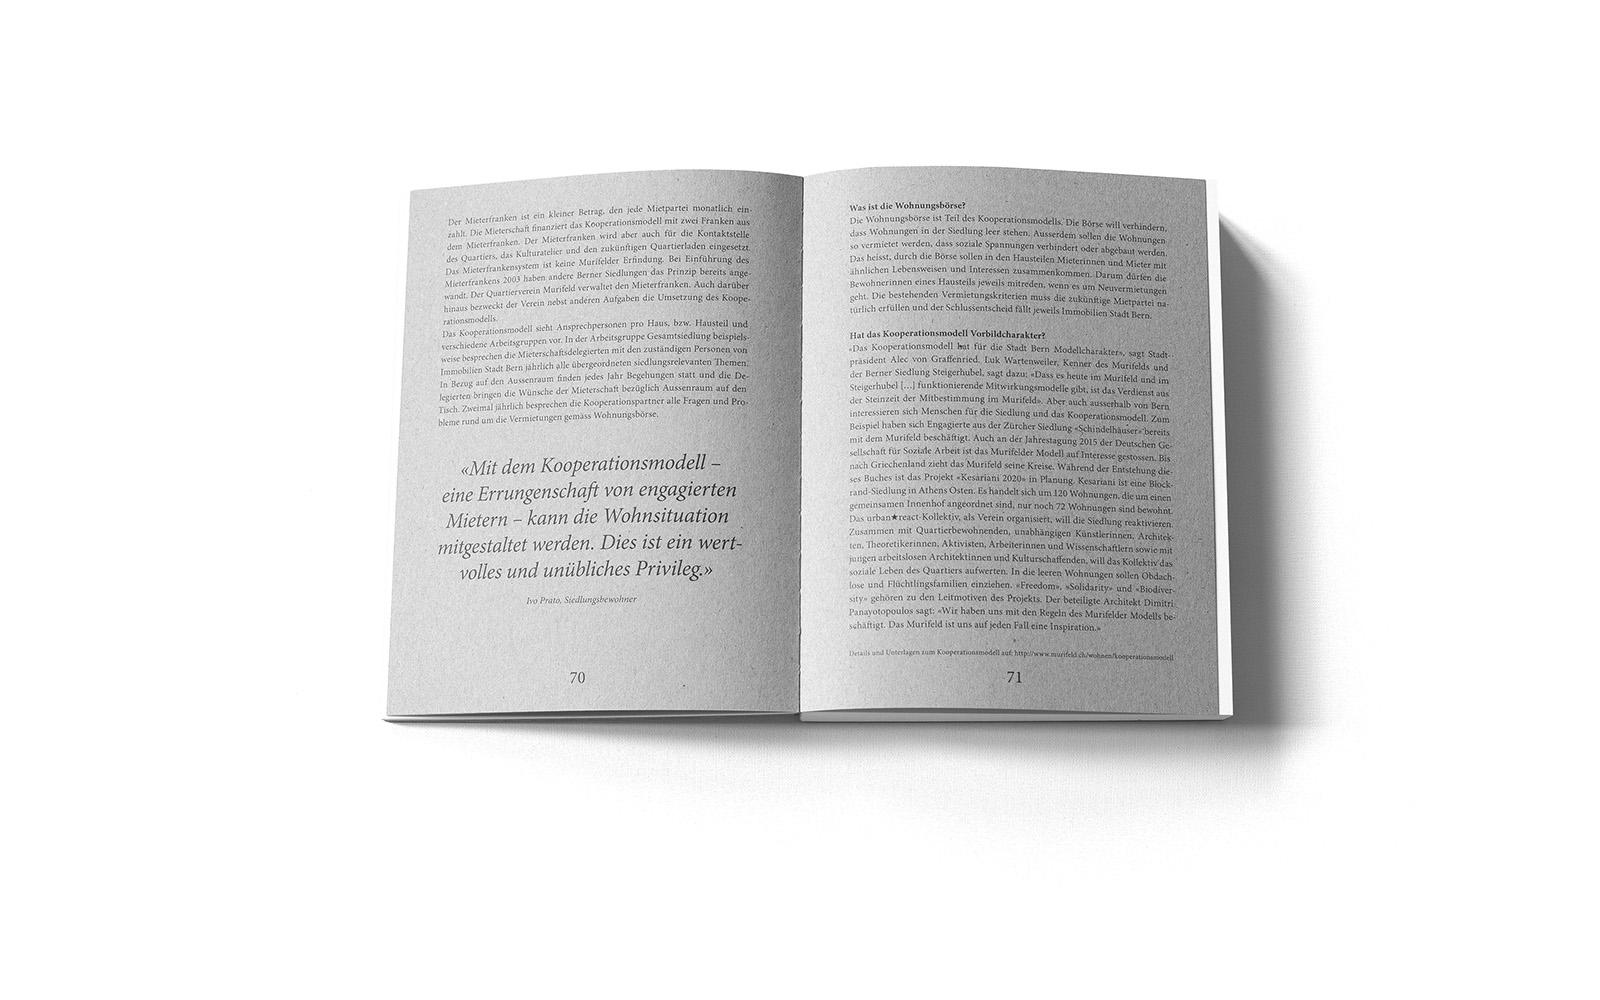 Doppelseite aus dem Kapitel über das Kooperationsmodell (Sonderausgabe des Murifeldbuches).